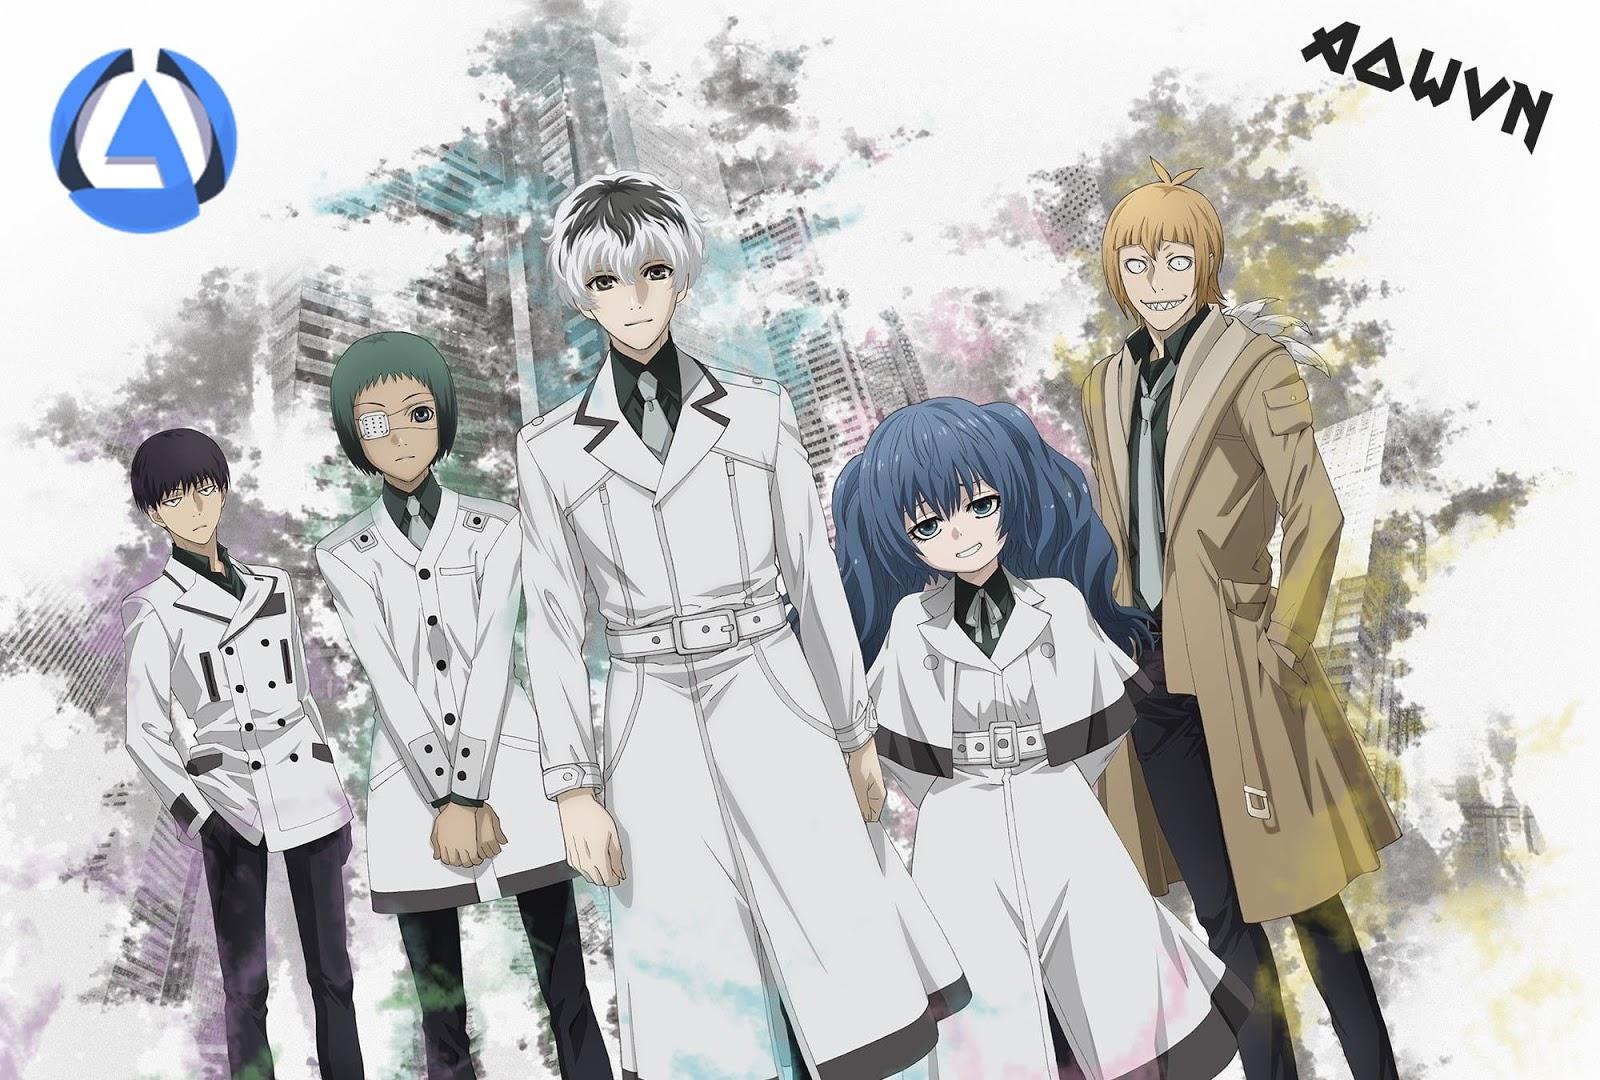 AowVN - [ Anime 3gp Mp4 ] Tokyo Ghoul:re SS3 | Vietsub - Huyền Thoại Tái Xuất